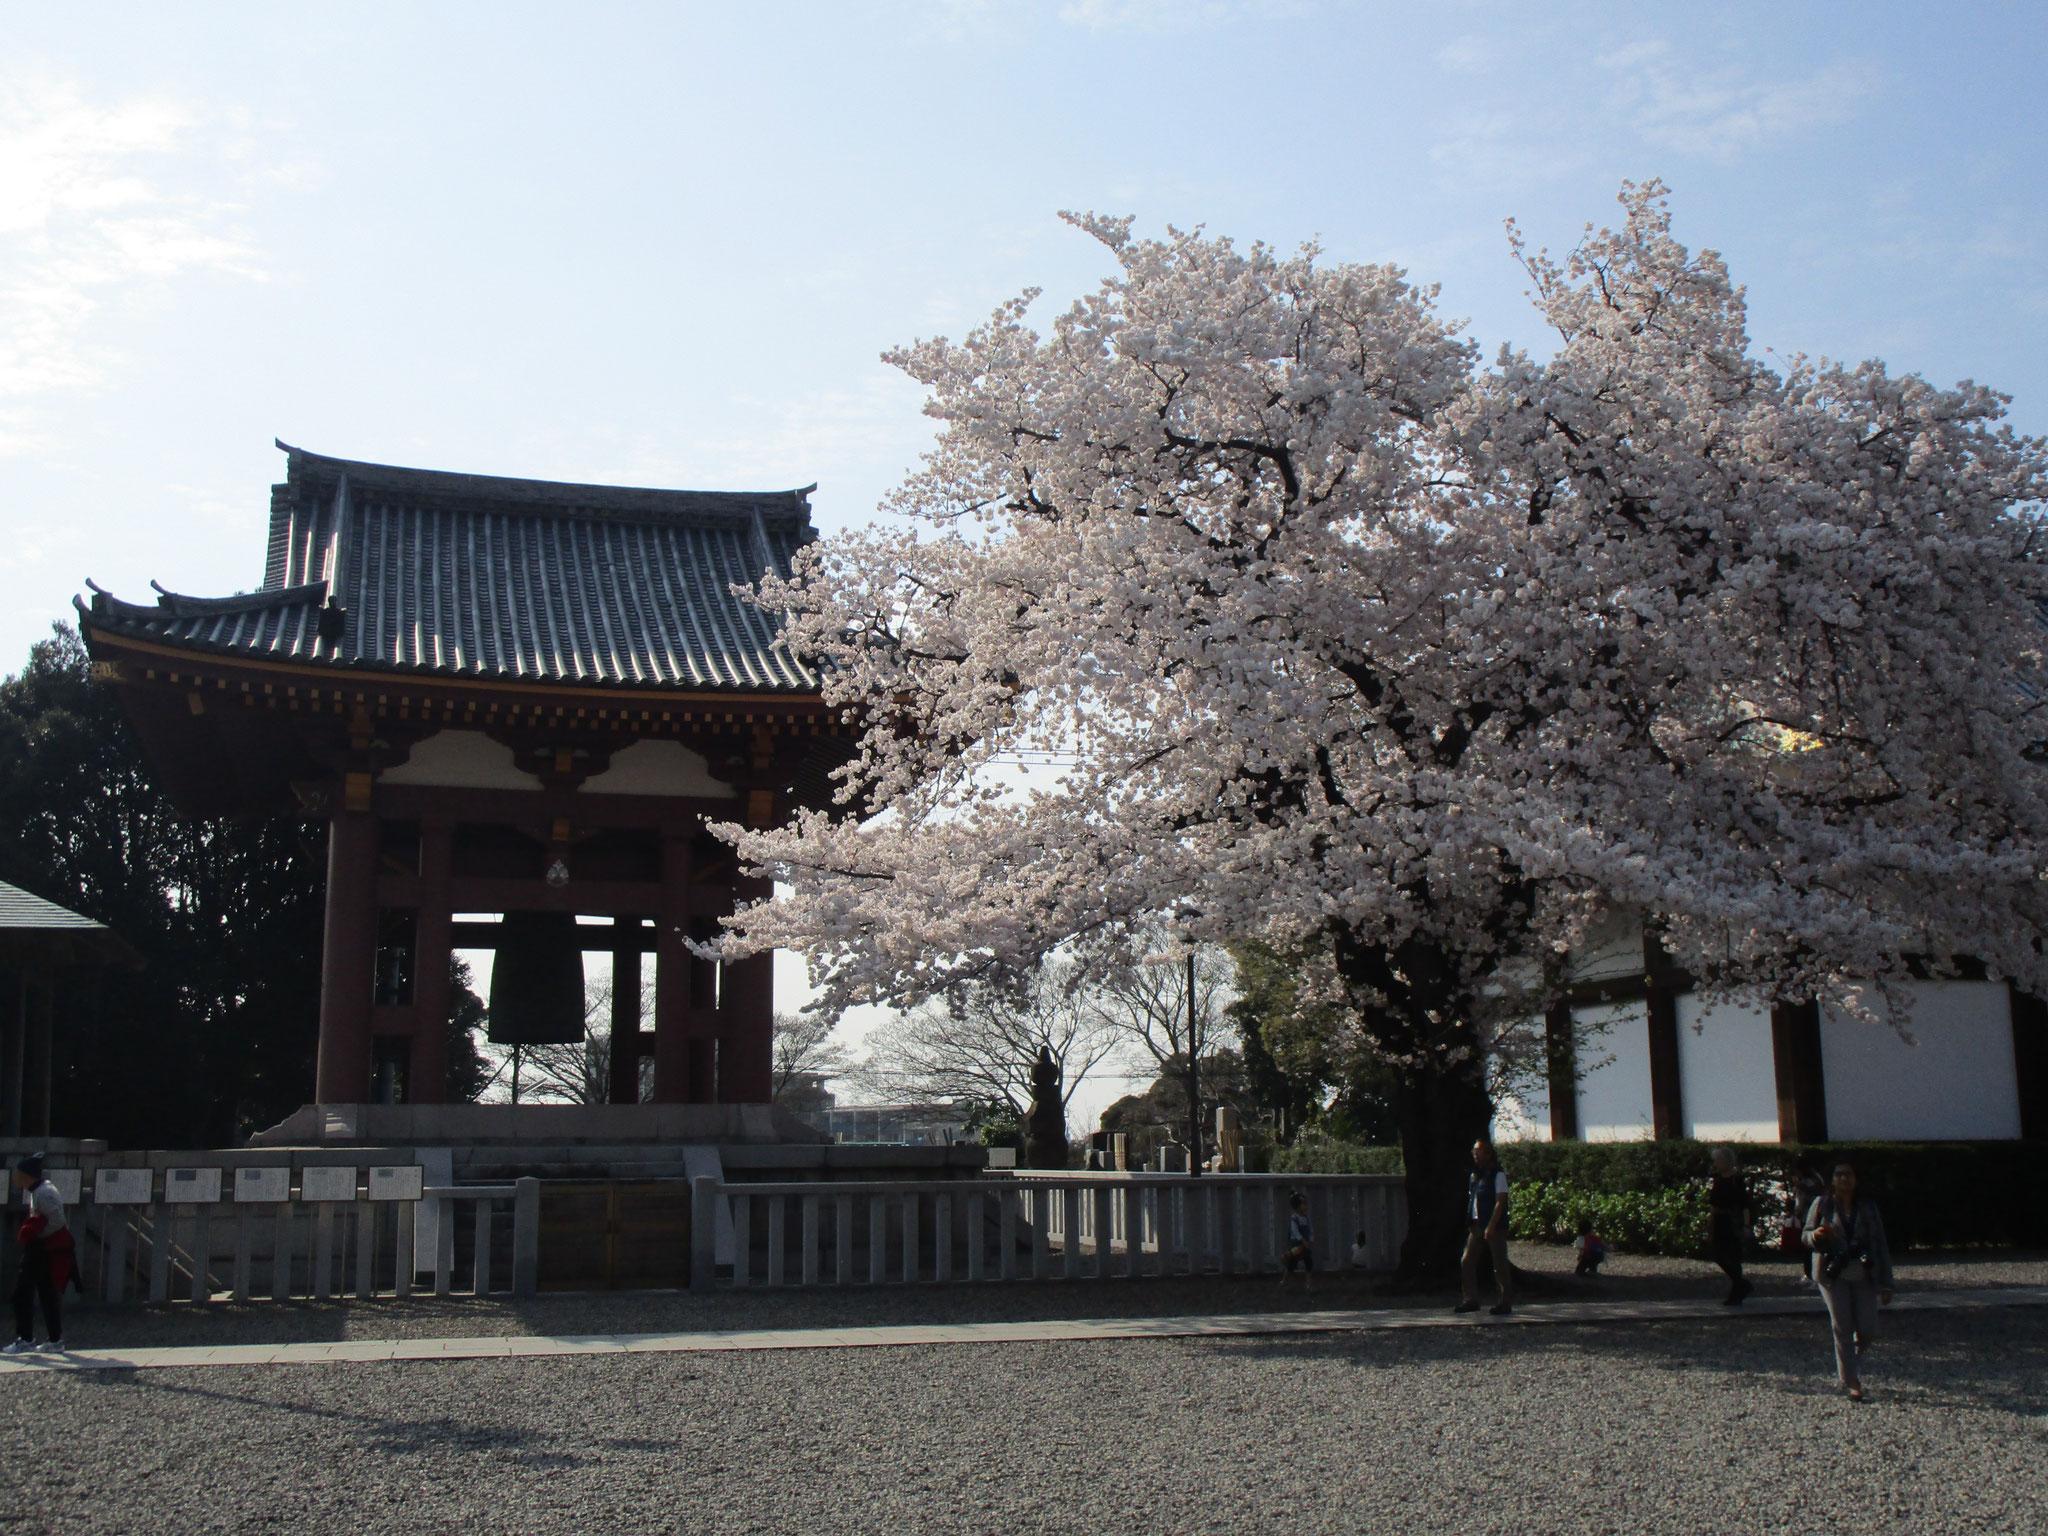 鐘楼の側にも桜